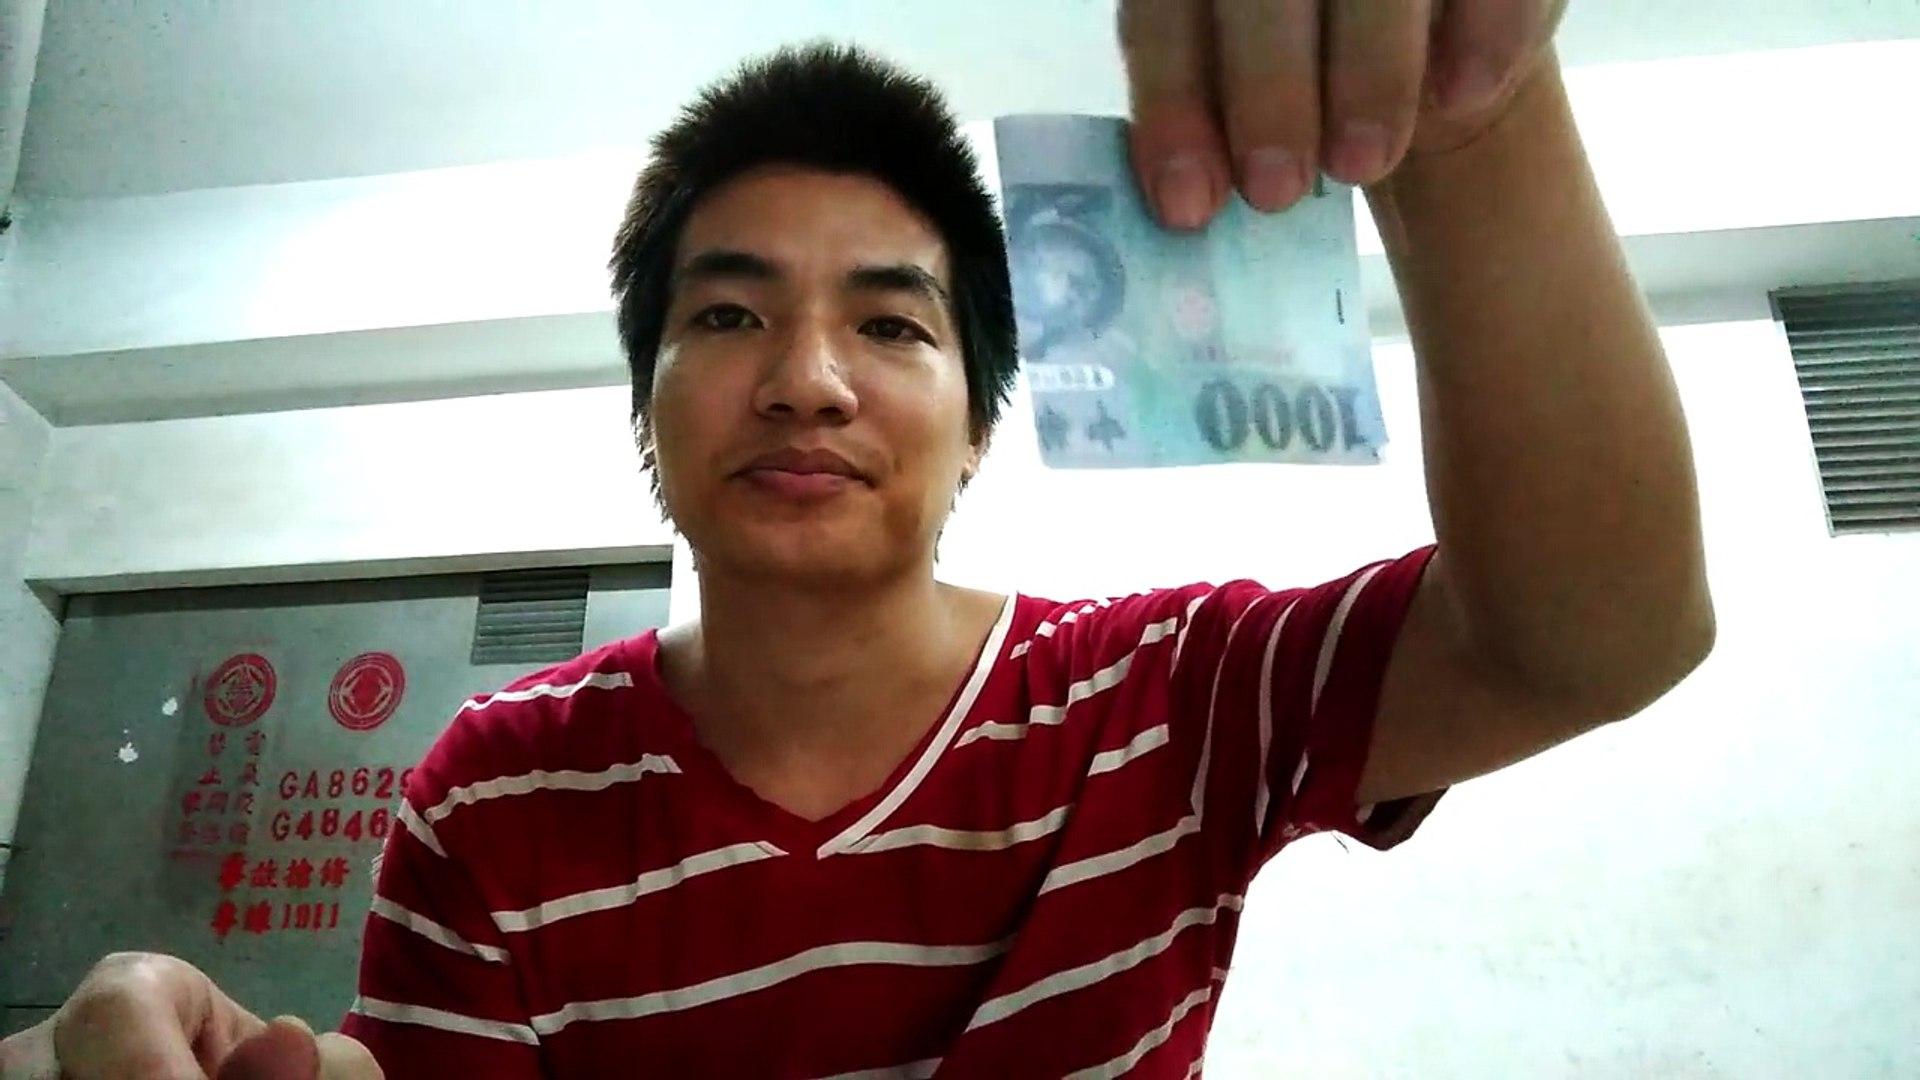 Mức lương , chi phí sinh hoạt ,số tiền thực tế gửi về của lao động làm việc tại đài loan